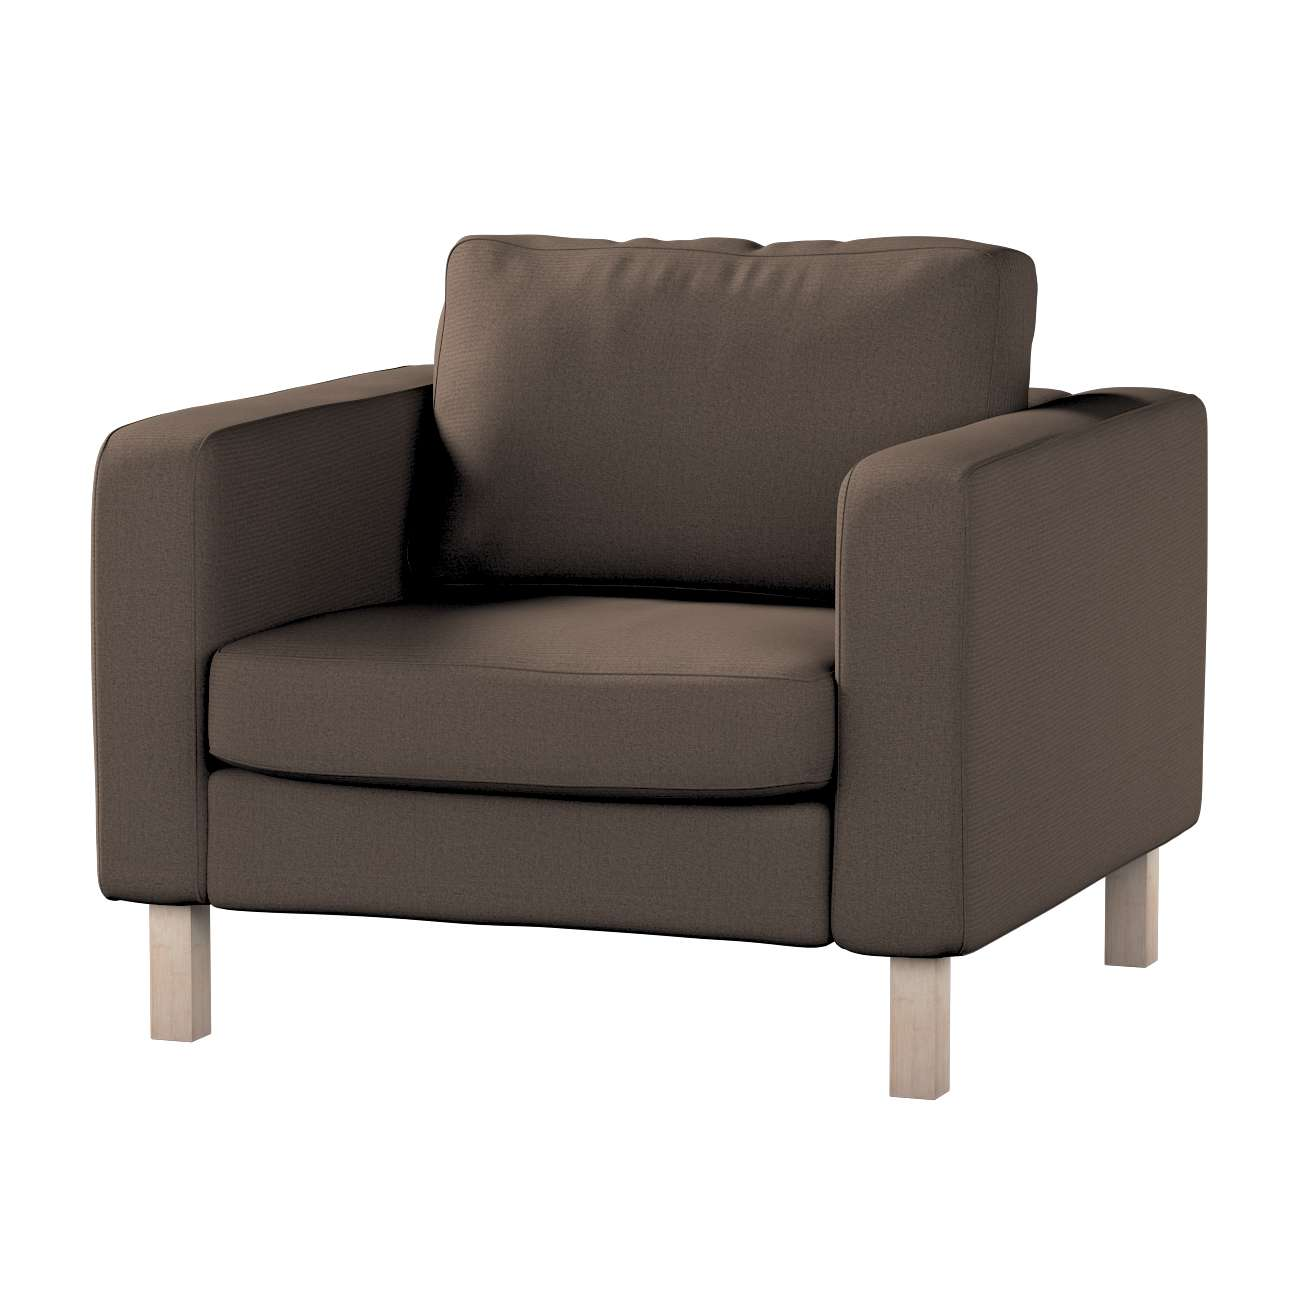 Karlstad fotelio užvalkalas Karlstad fotelio užvalkalas kolekcijoje Etna , audinys: 705-08